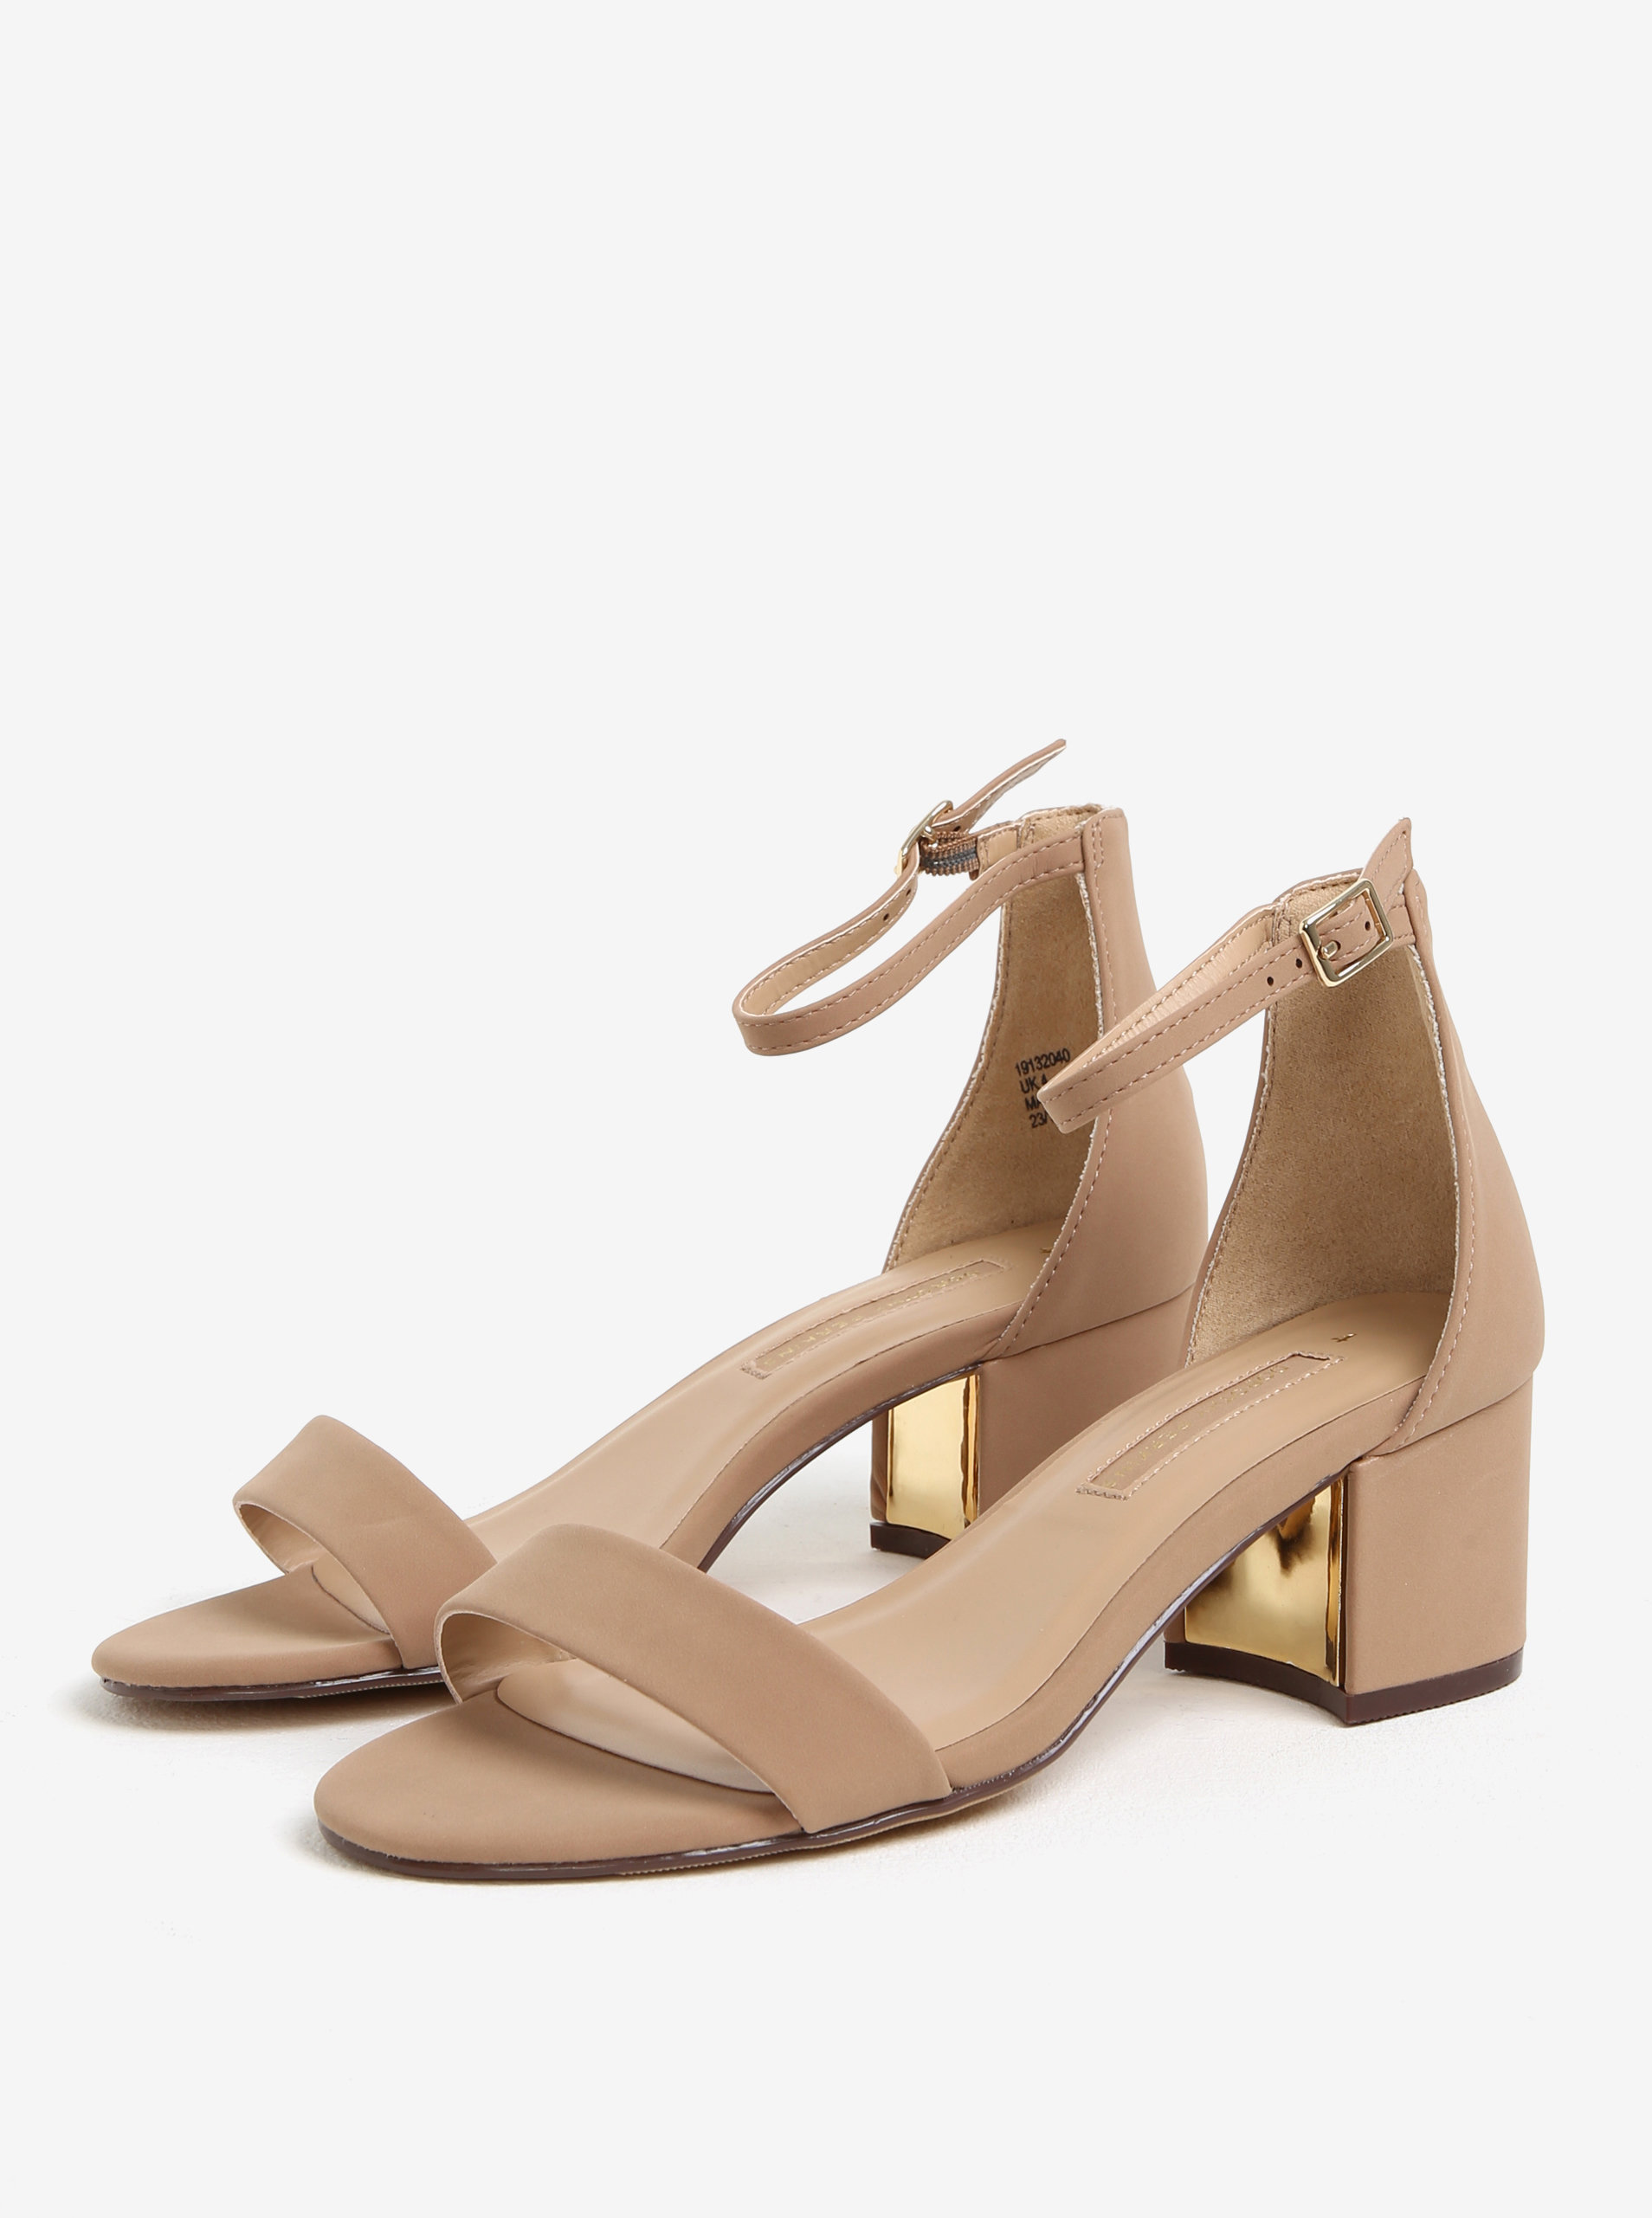 741c20851d73a Béžové sandály na podpatku Dorothy Perkins | ZOOT.cz